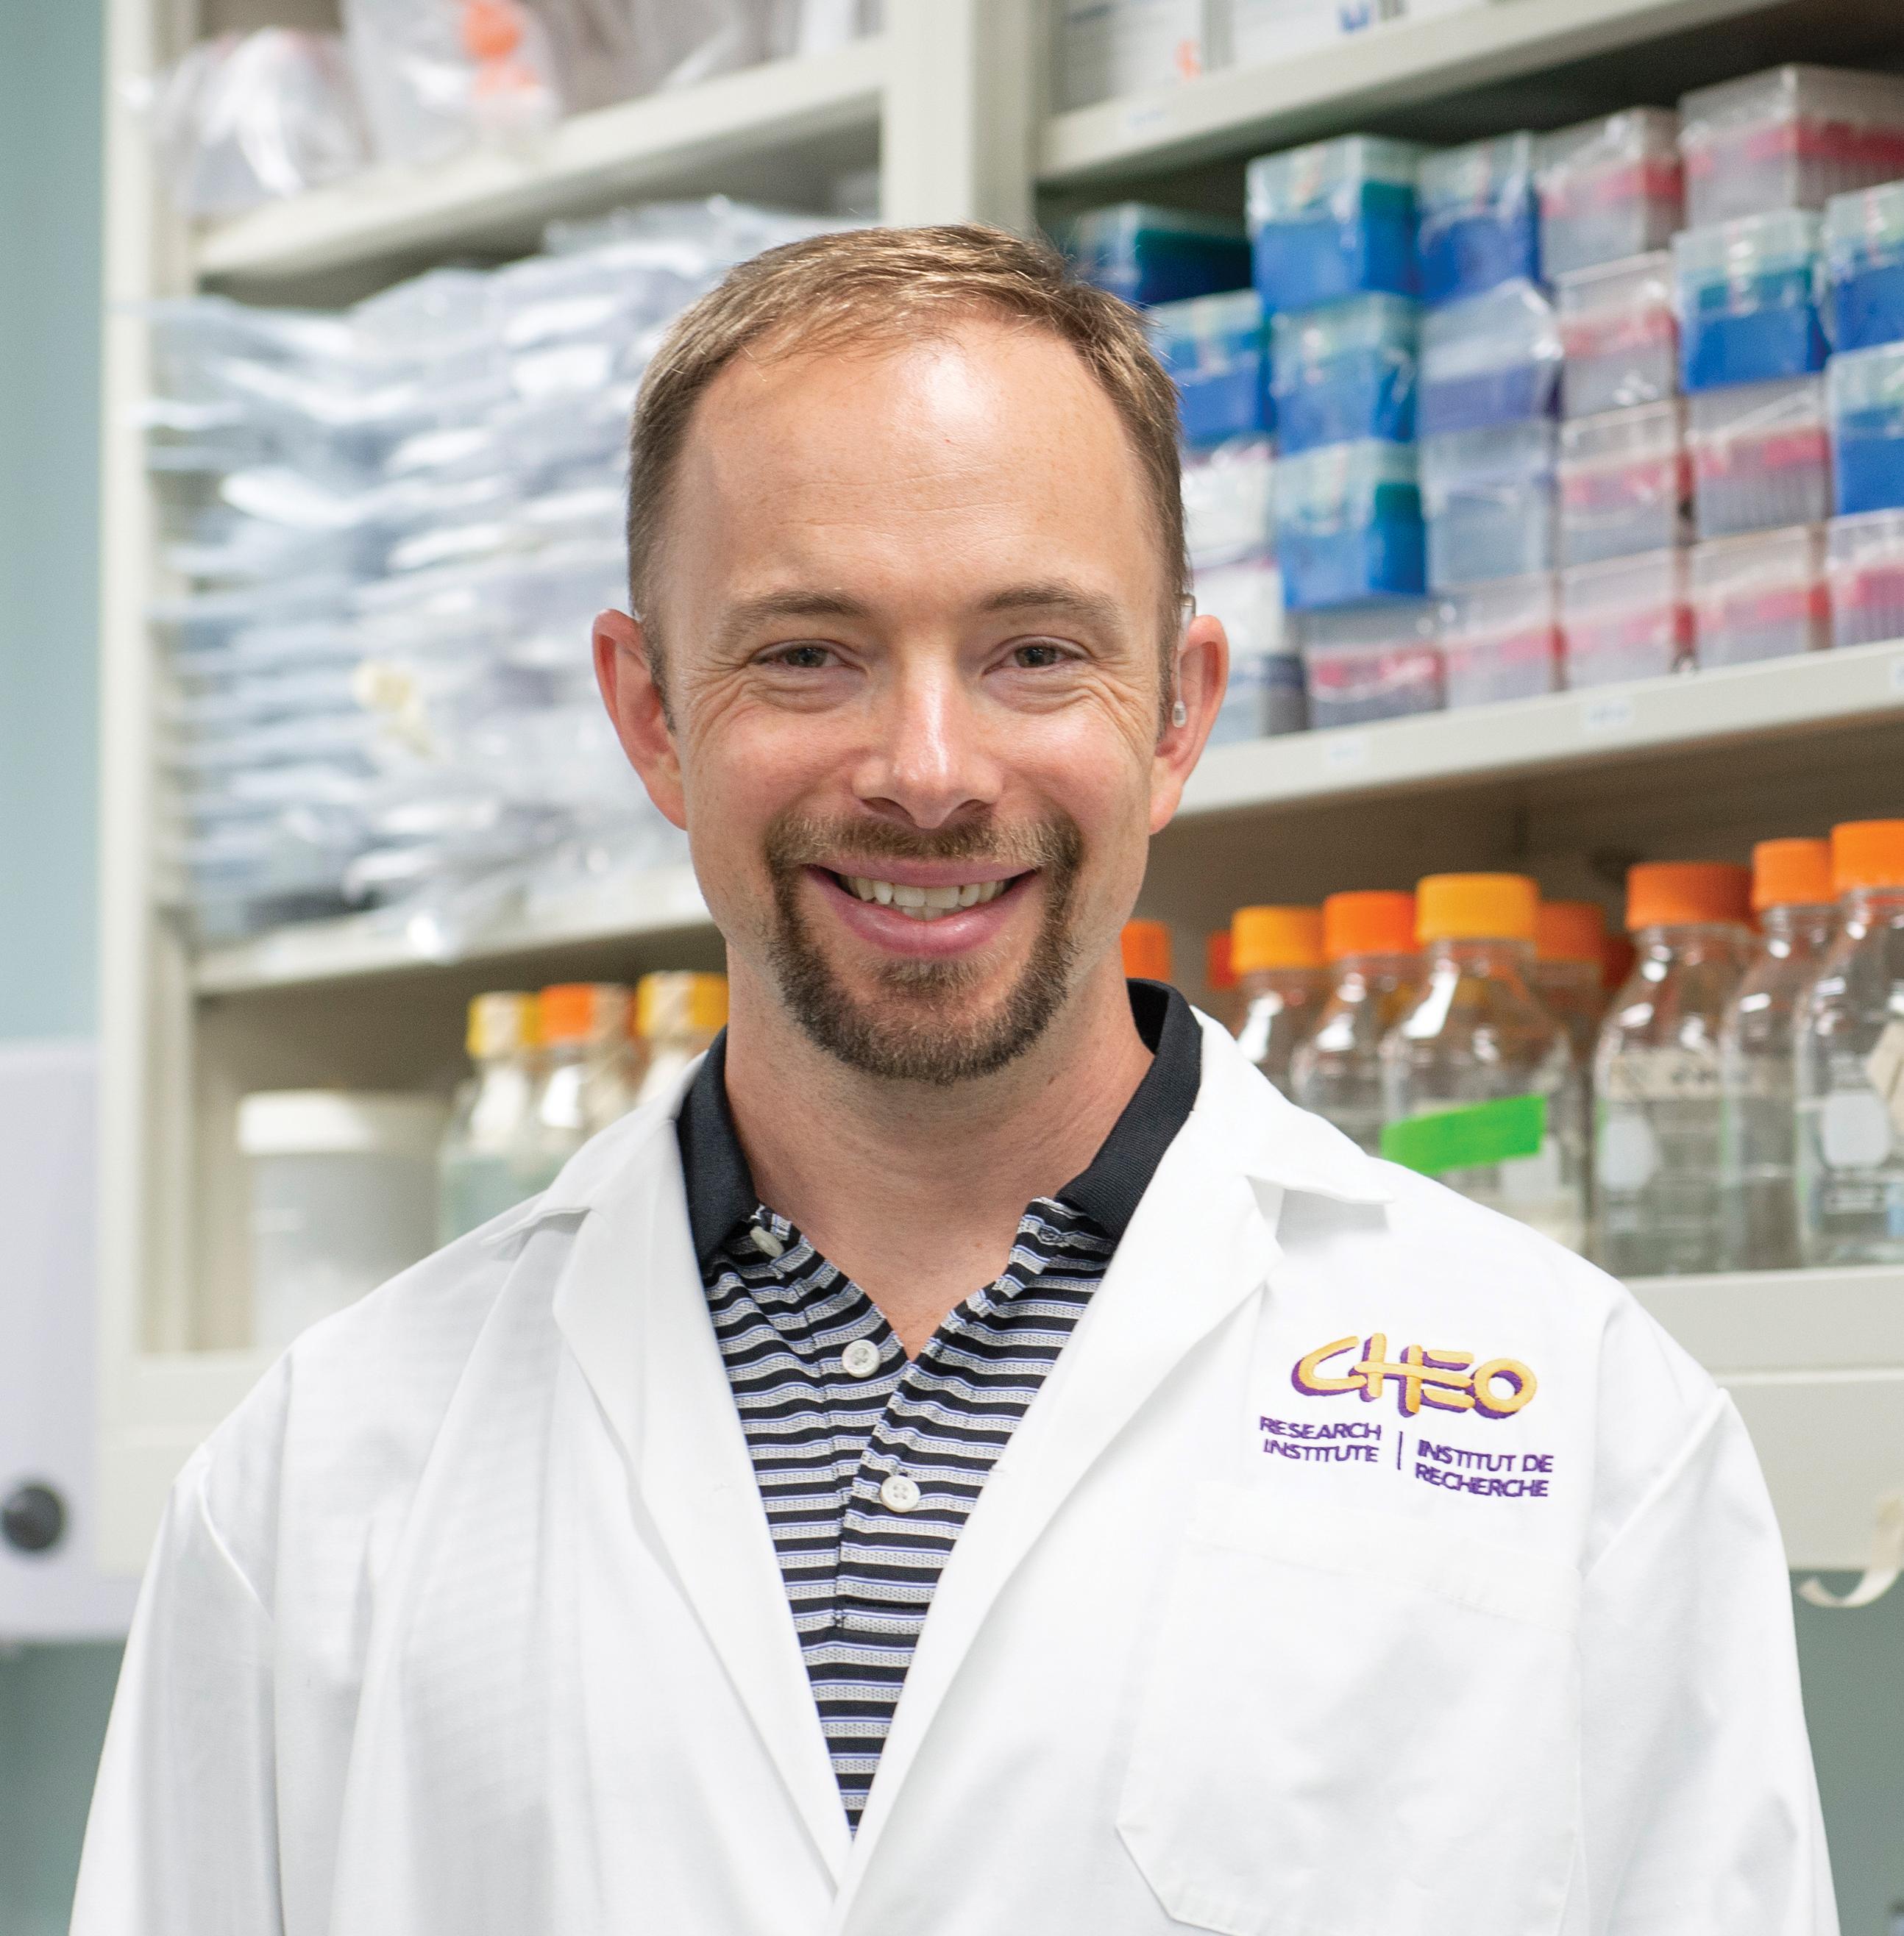 Dr. Shawn Beug